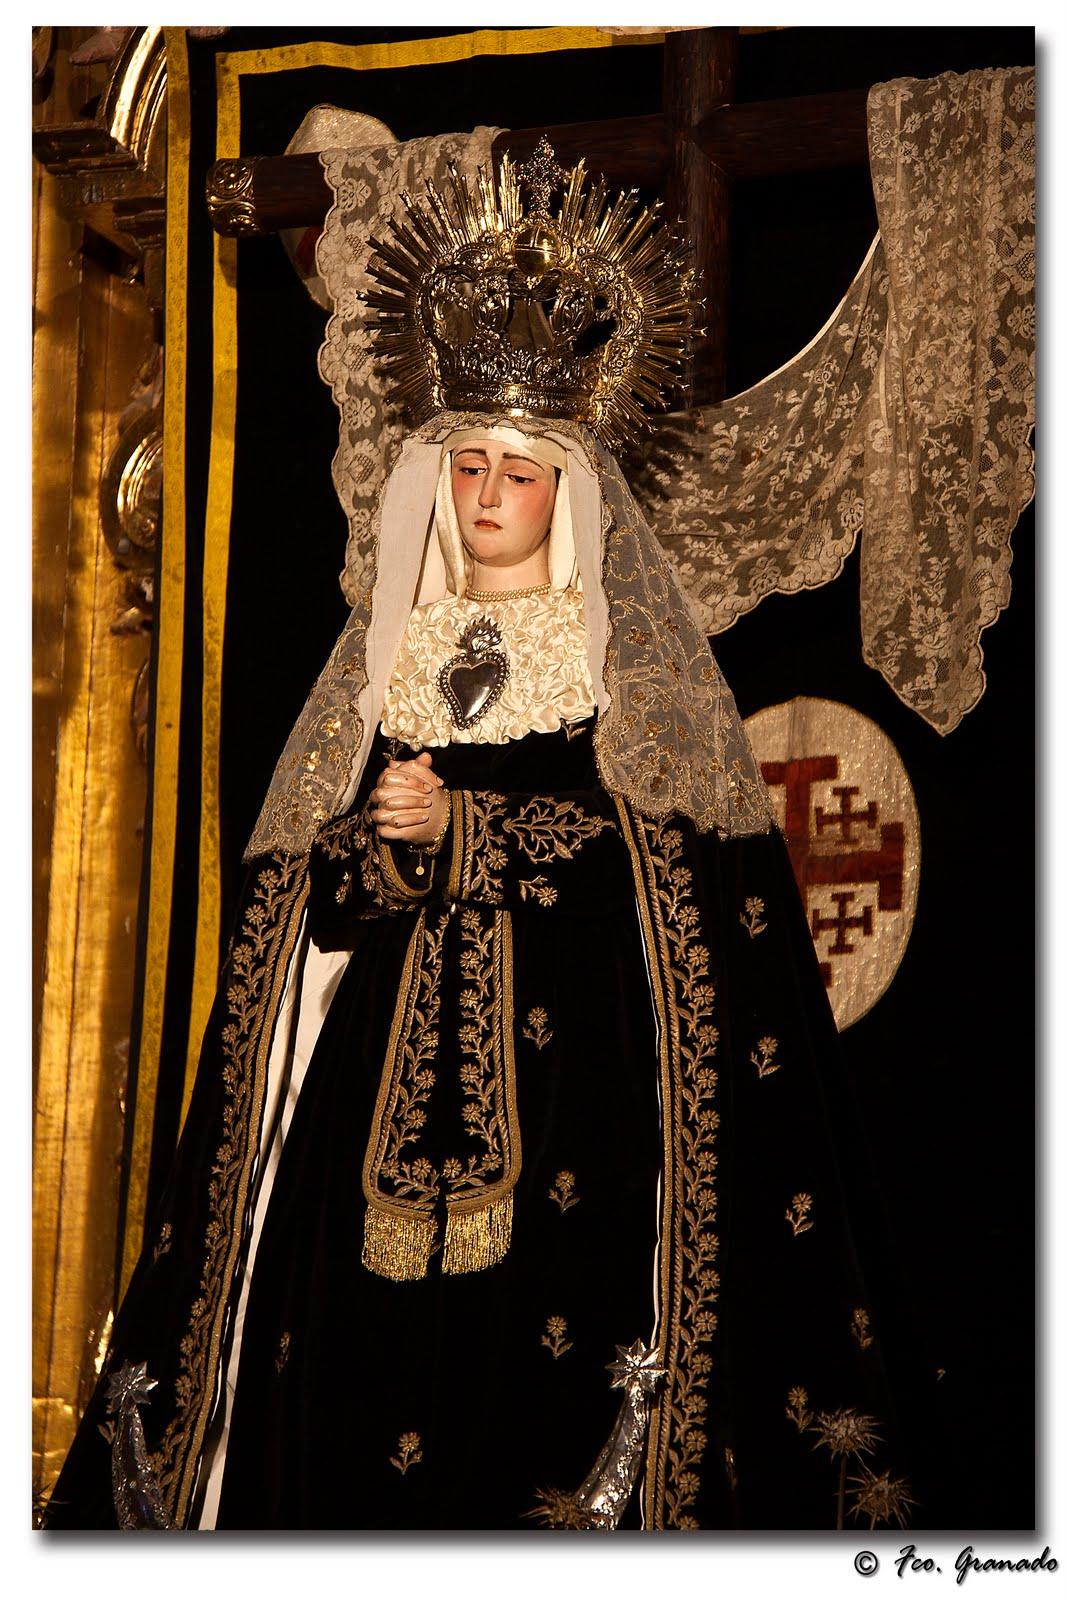 http://franciscogranadopatero35.blogspot.com.es/2011/03/altar-stabat-mater-hermandad-del-santo.html